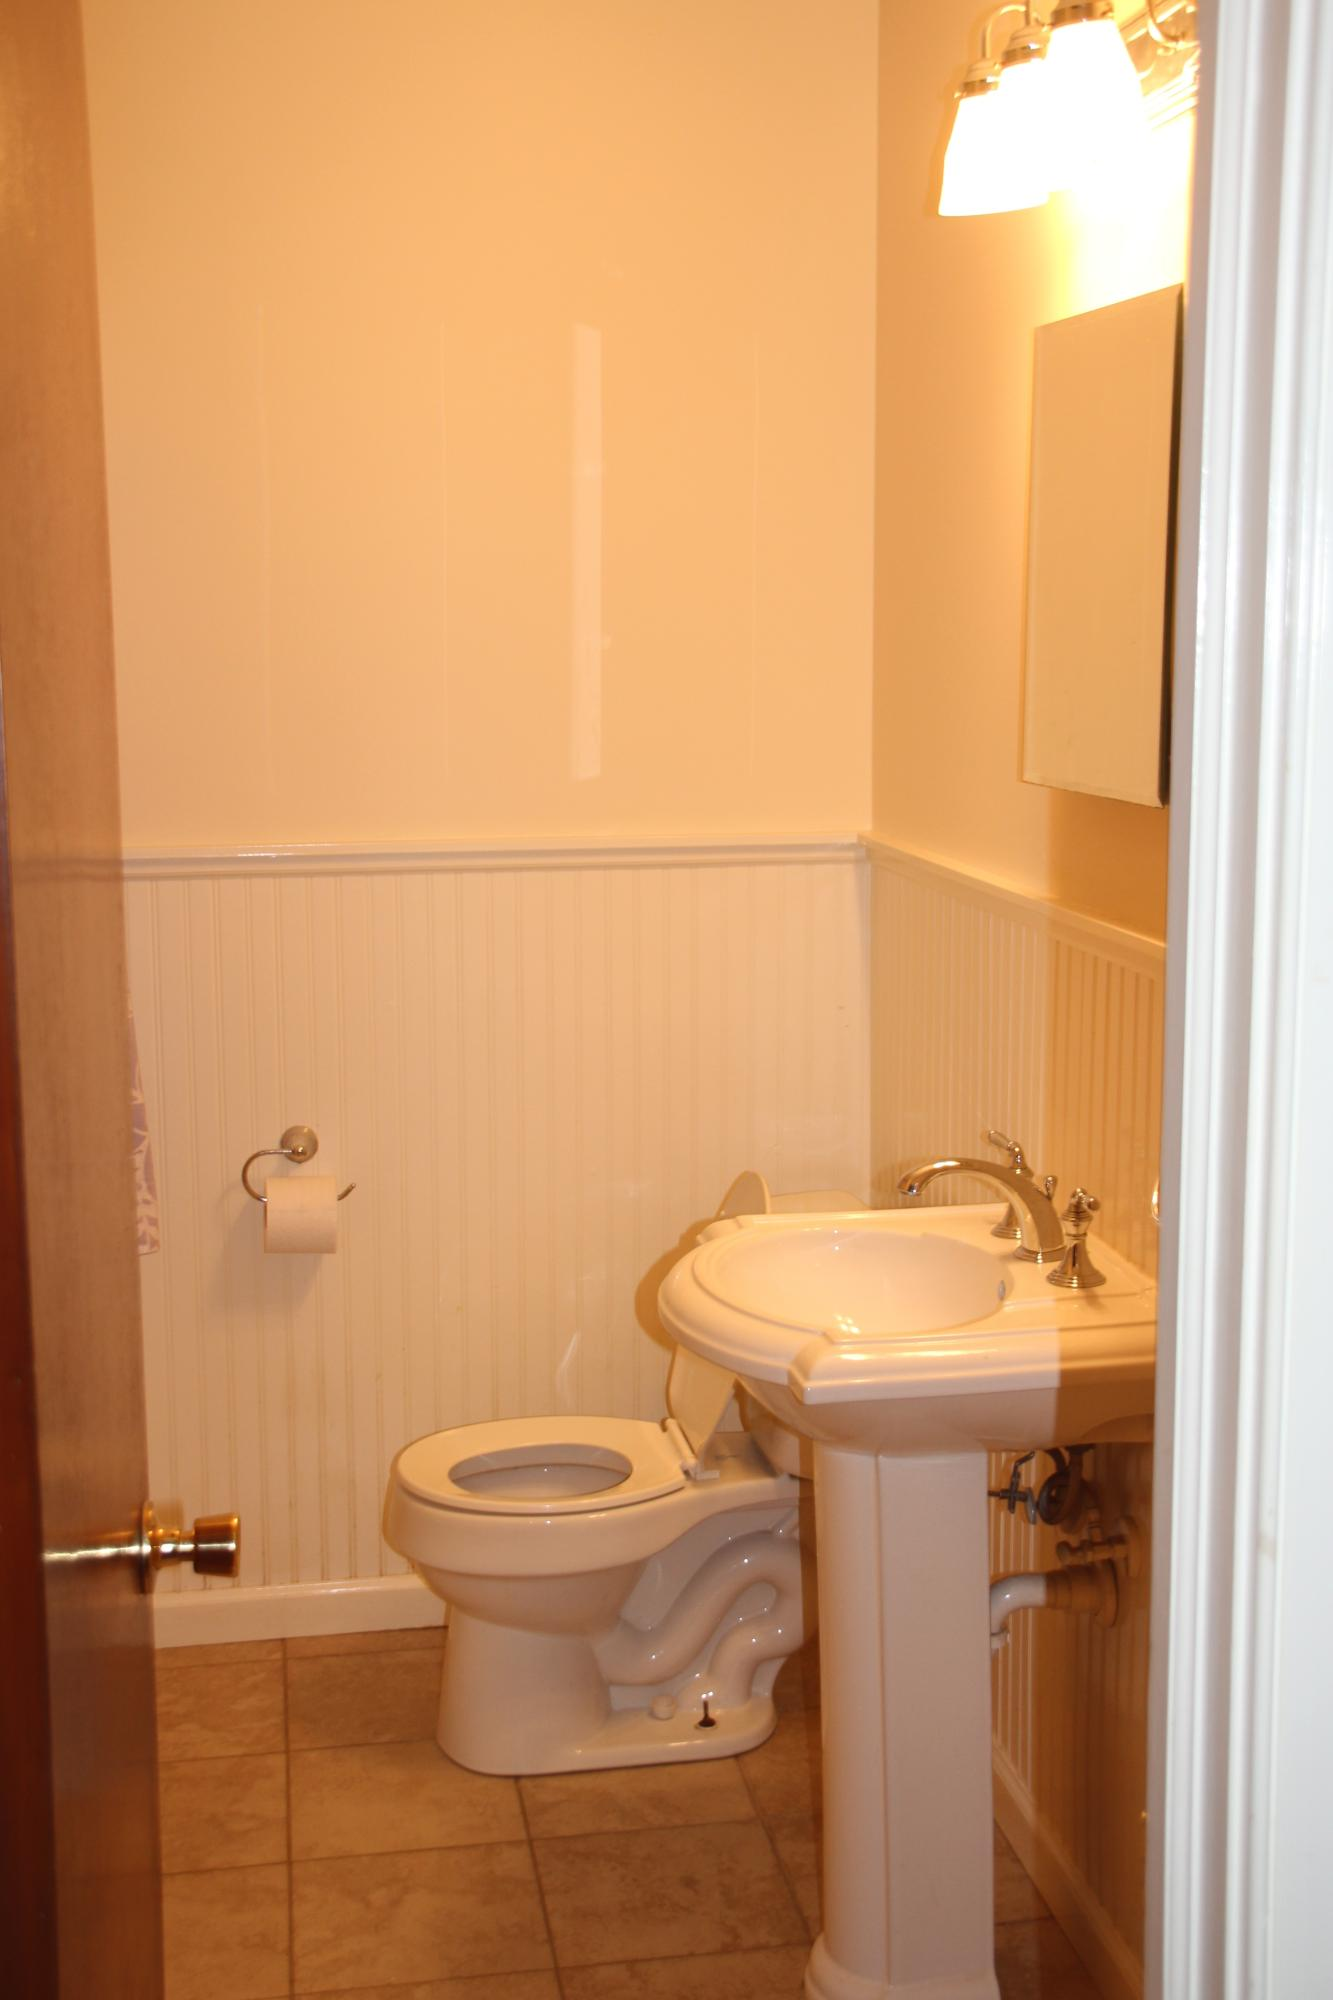 Essex Village Homes For Sale - 758 Westchester, Charleston, SC - 17